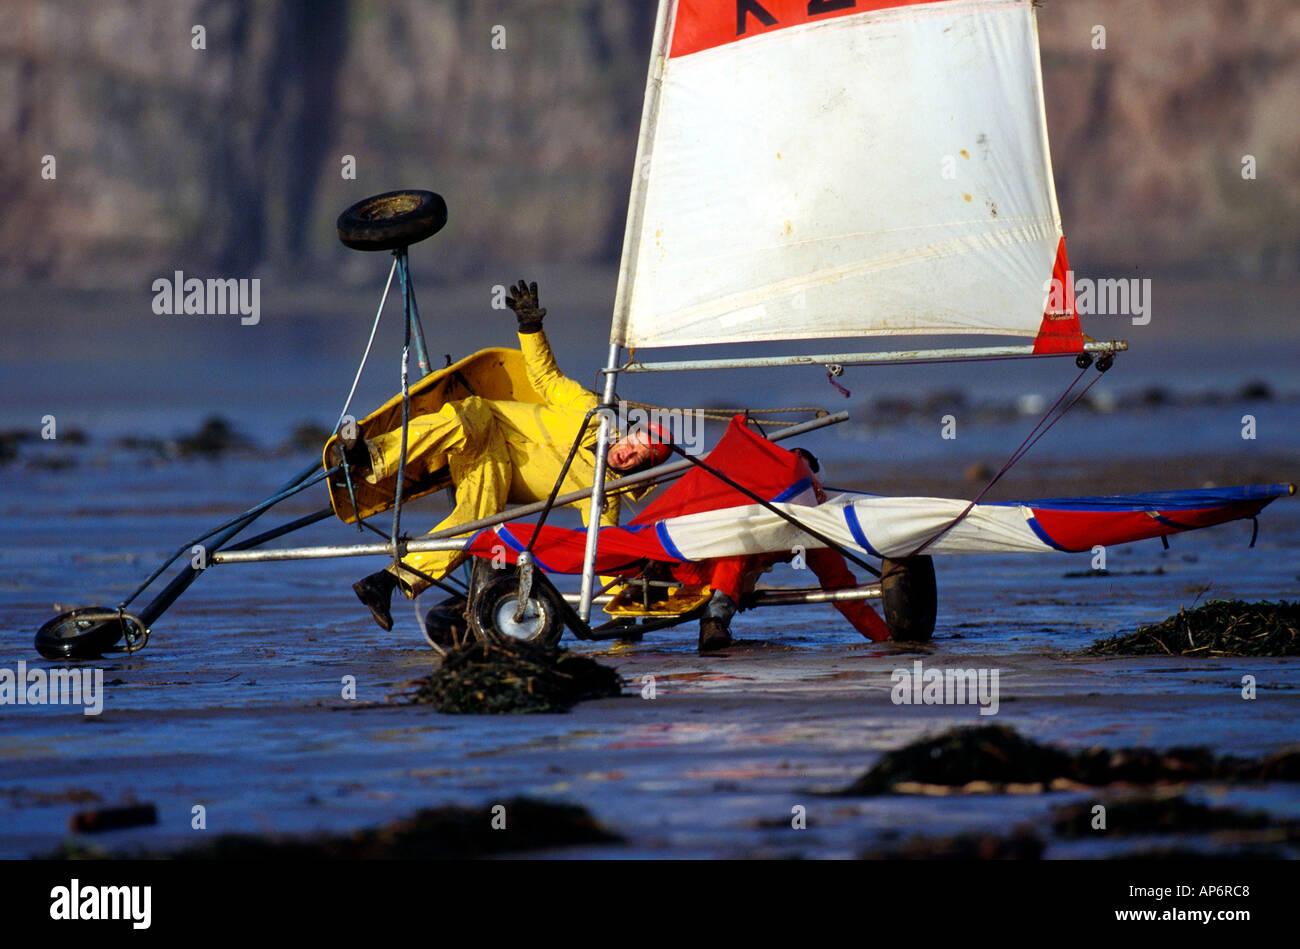 Land Yachting crash - Stock Image